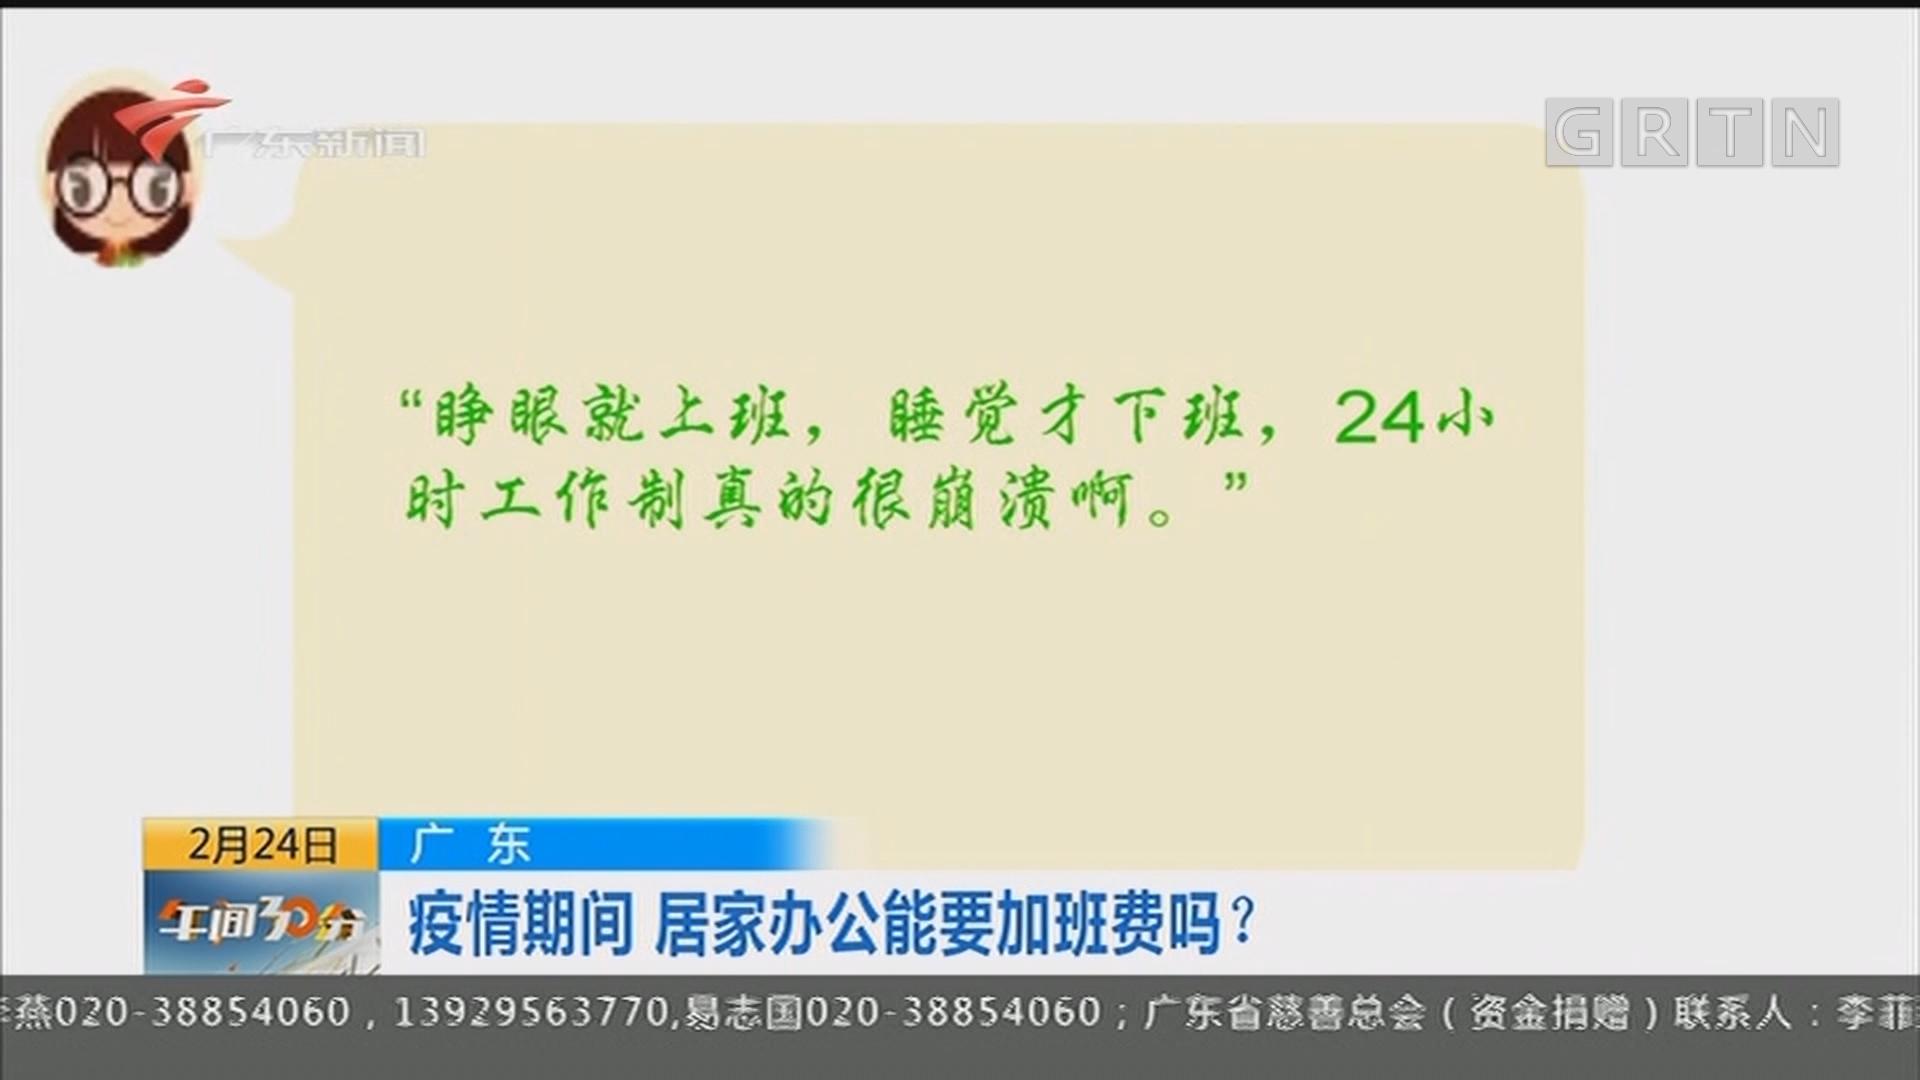 广东:疫情期间 居家办公能要加班费吗?